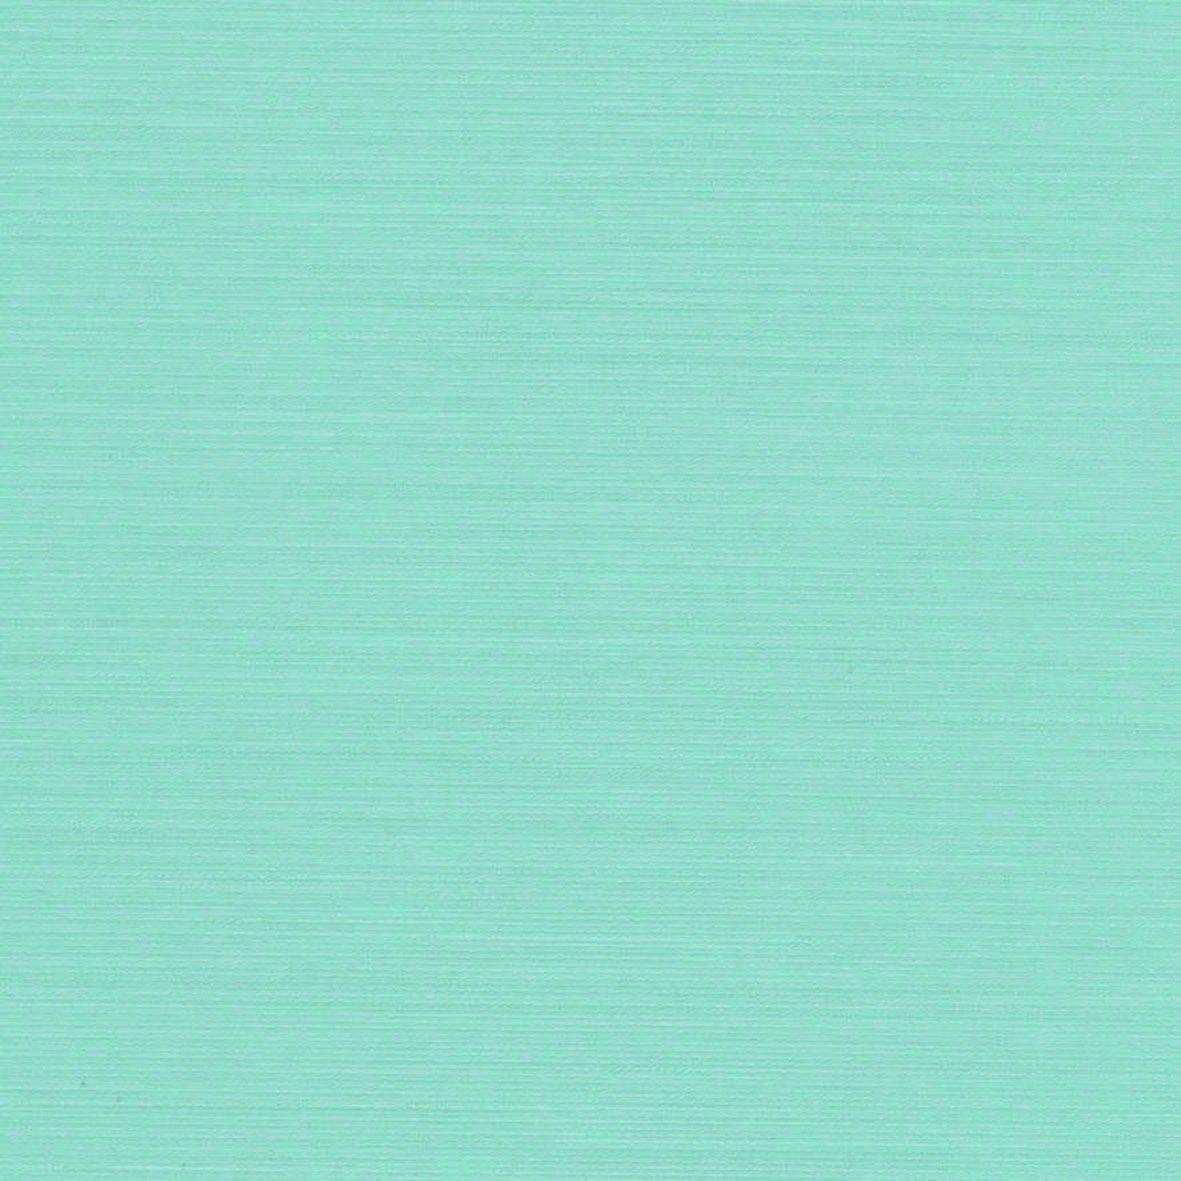 リリカラ 壁紙22m シンフル 無地 ブルー LL-8592 B01MRH0A9S 22m|ブルー